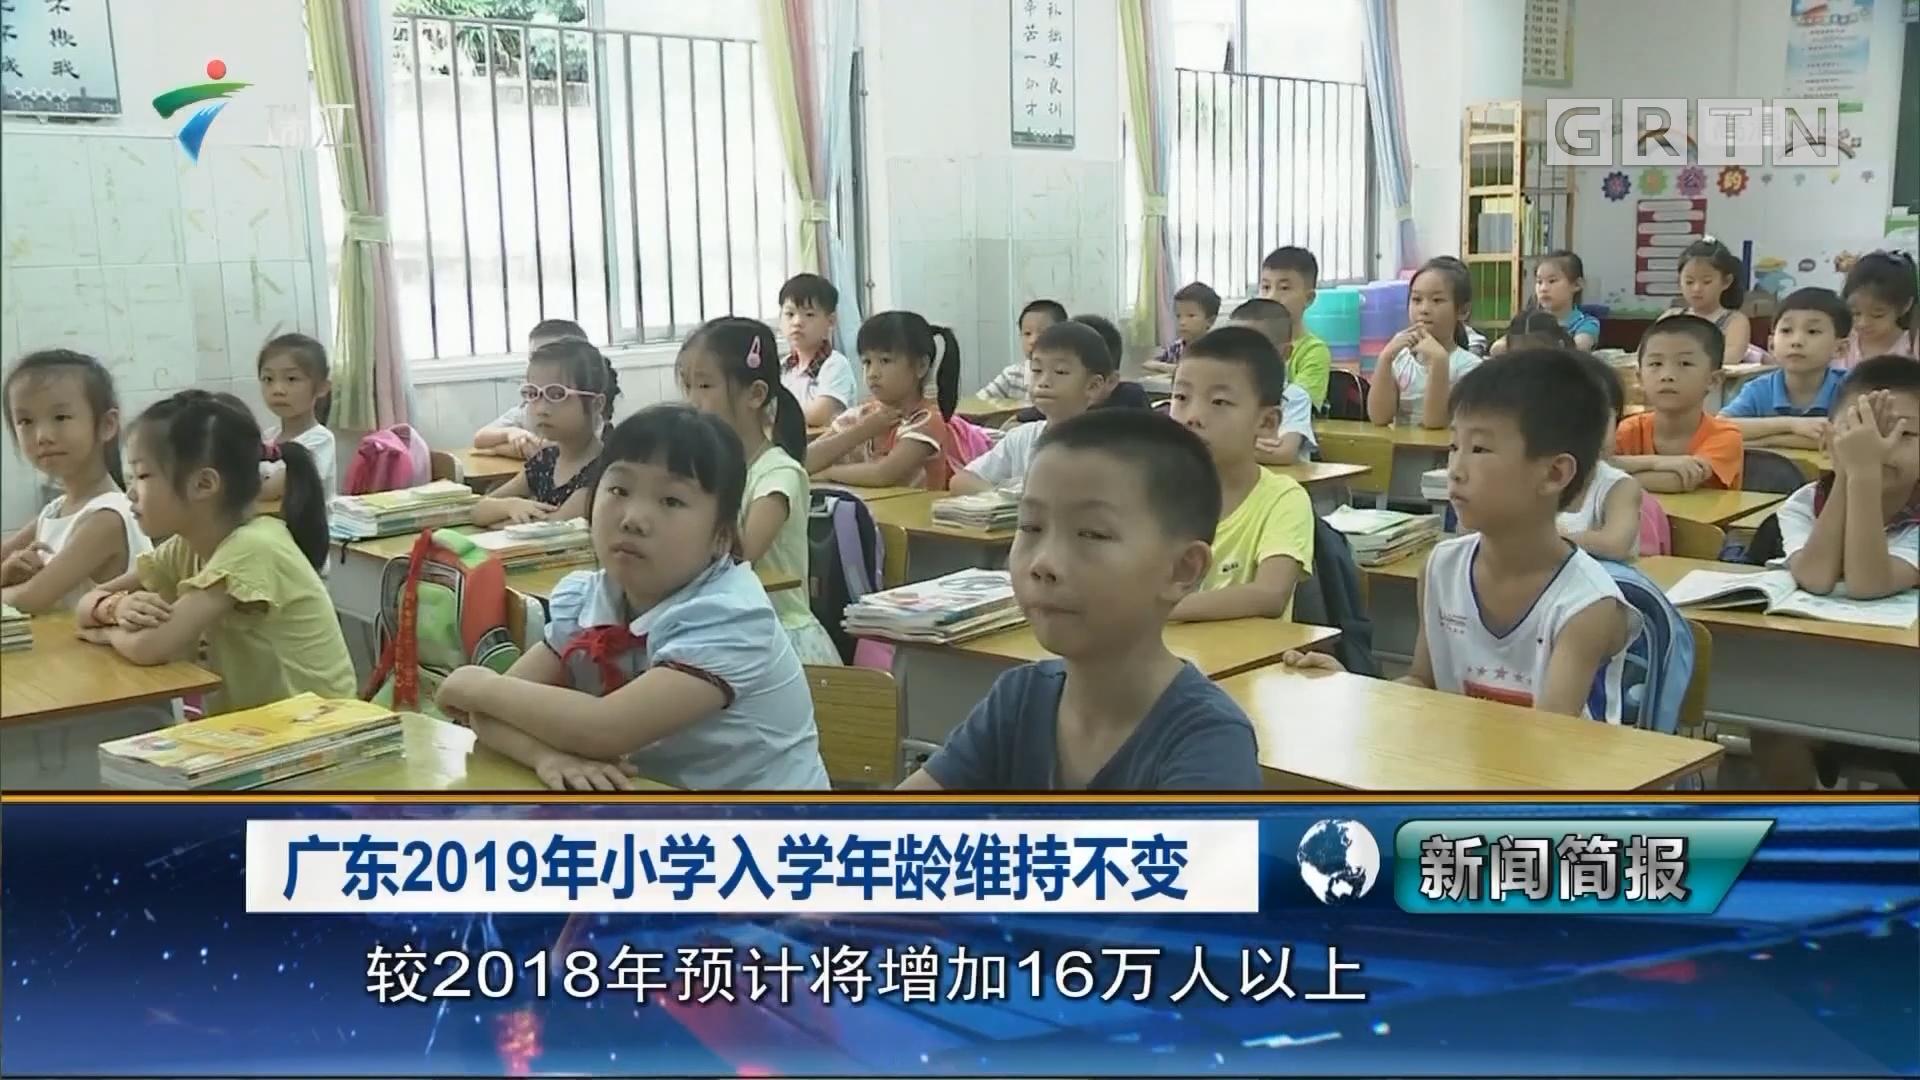 广东2019年小学入学年龄维持不变